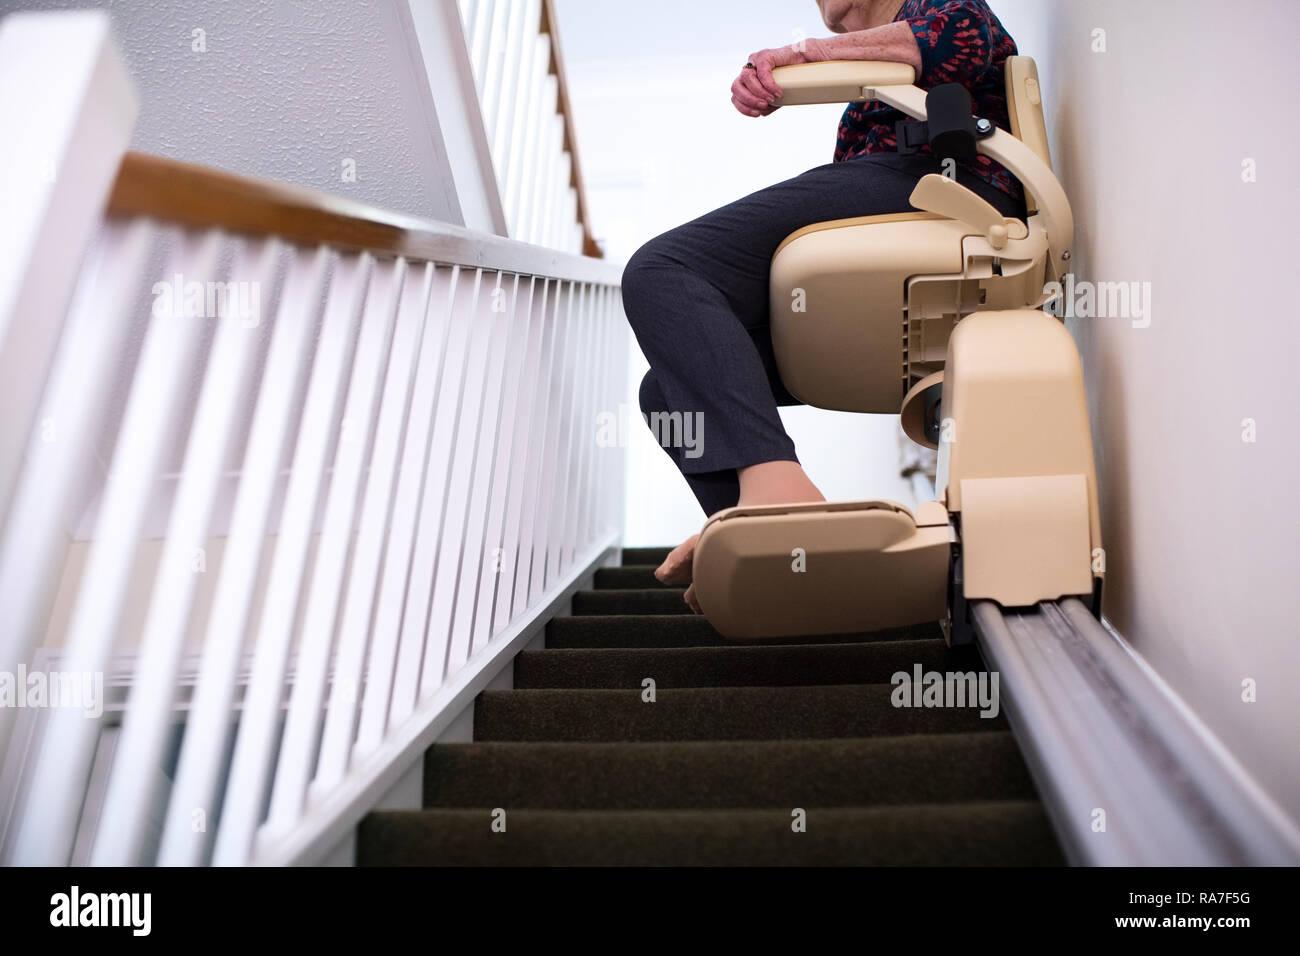 Détail de Senior Woman Sitting on monte-escalier à la maison pour aider à la mobilité Photo Stock